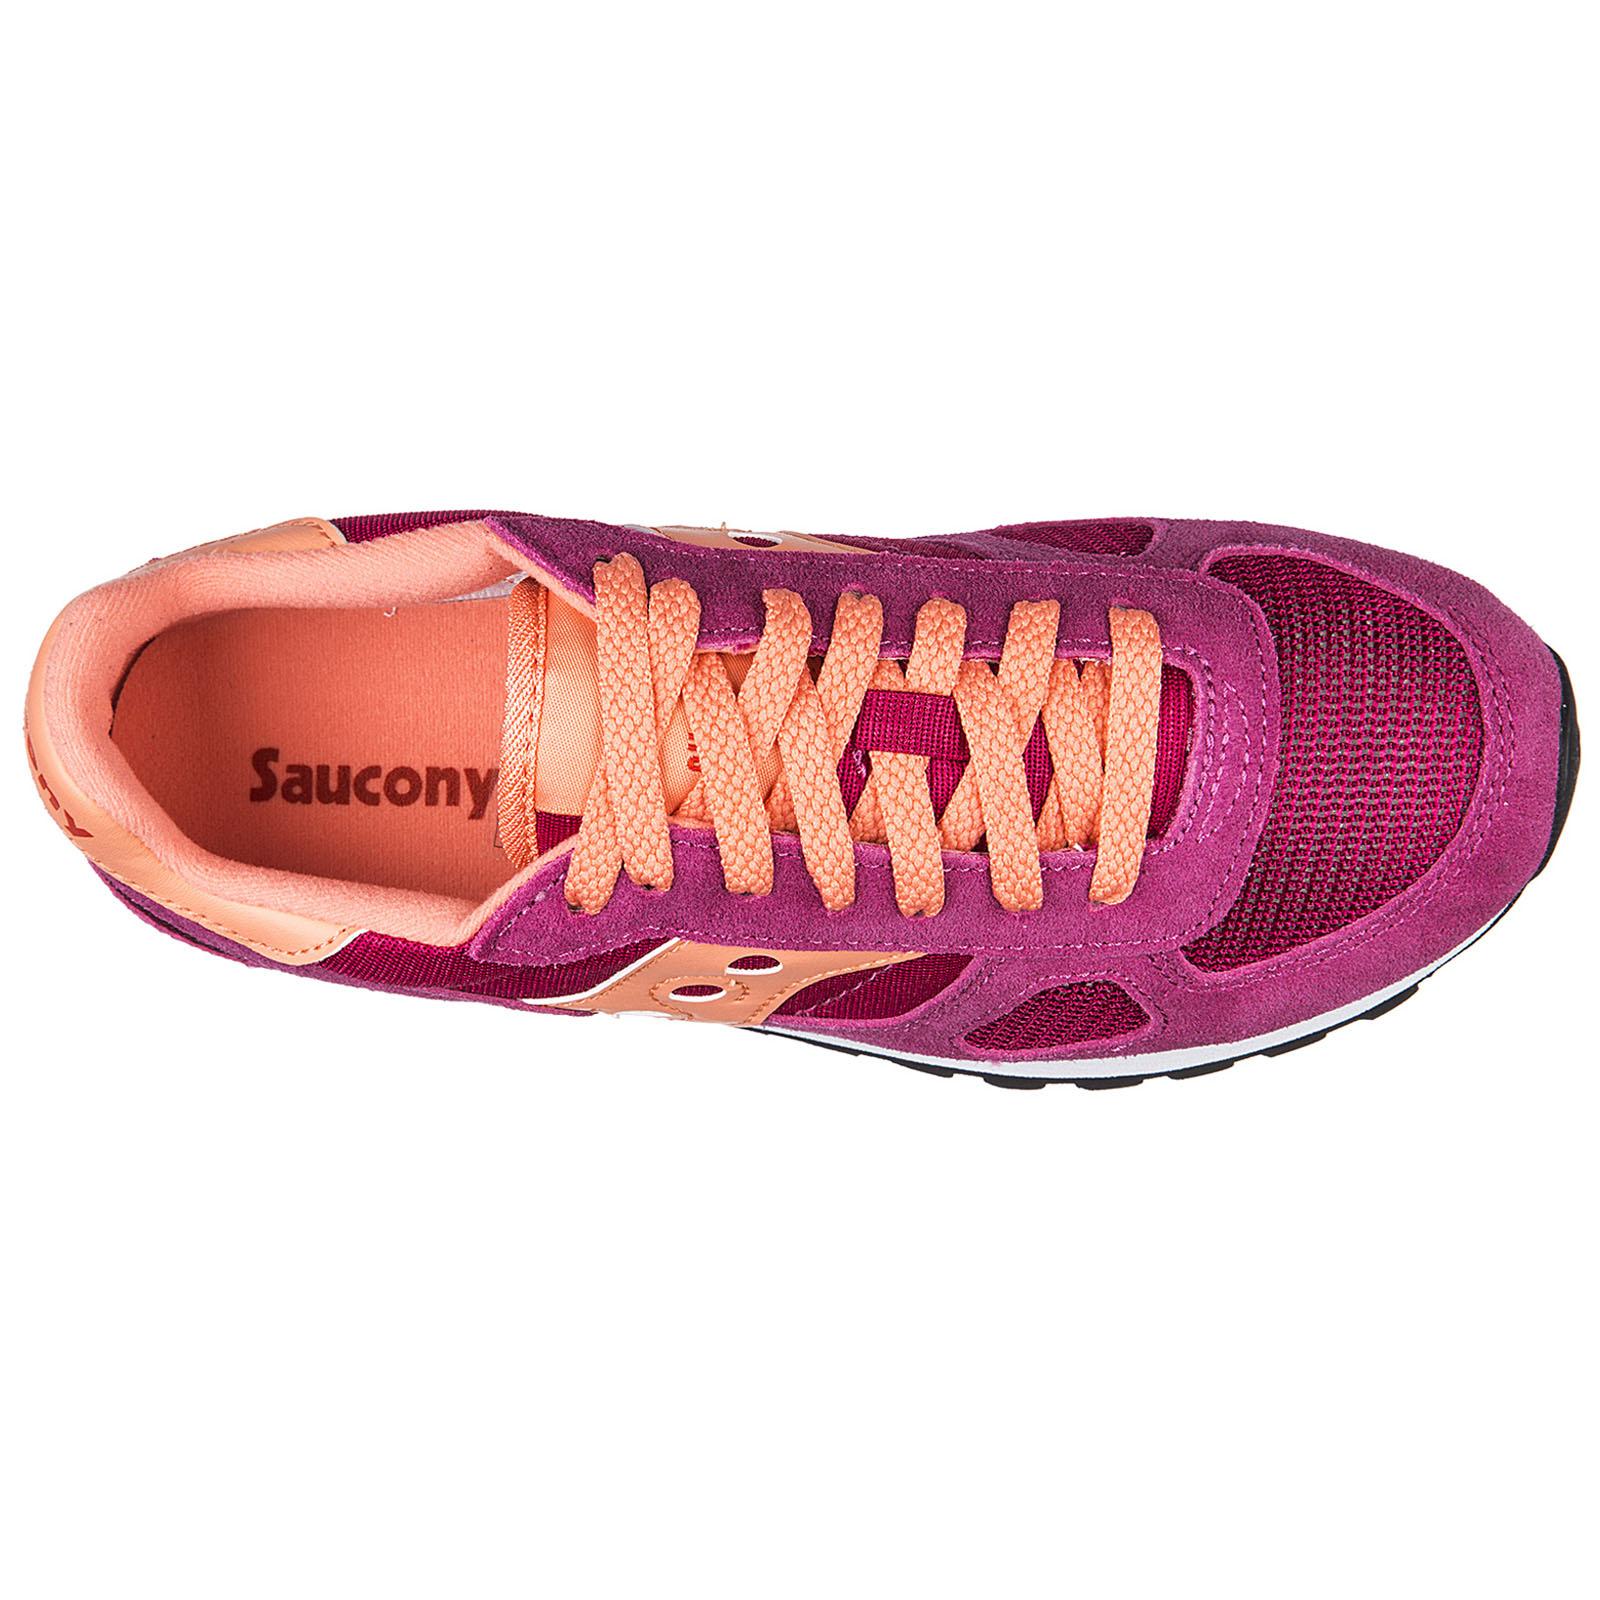 Chaussures baskets sneakers femme en daim shadow original